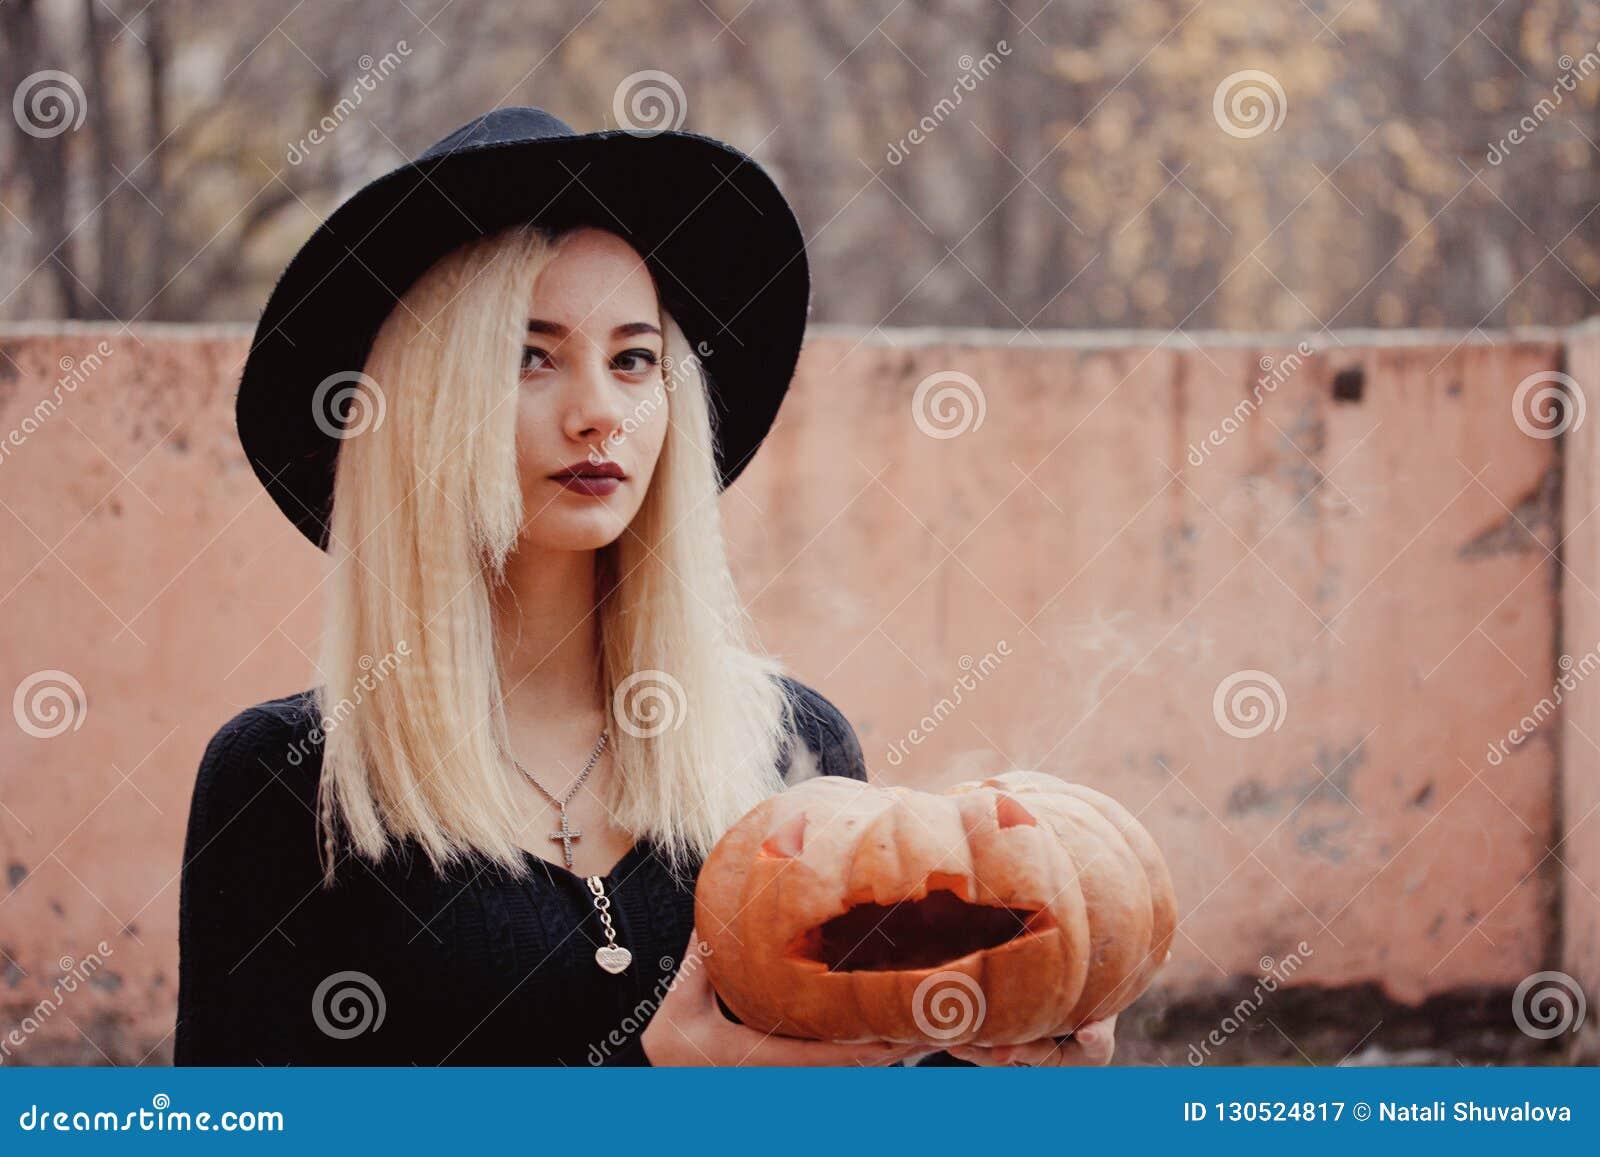 Junge Frau im schwarzen Mantel, der den Halloween-Kürbis mit dem weißen Rauche von innen kommt von ihm im Herbst hält